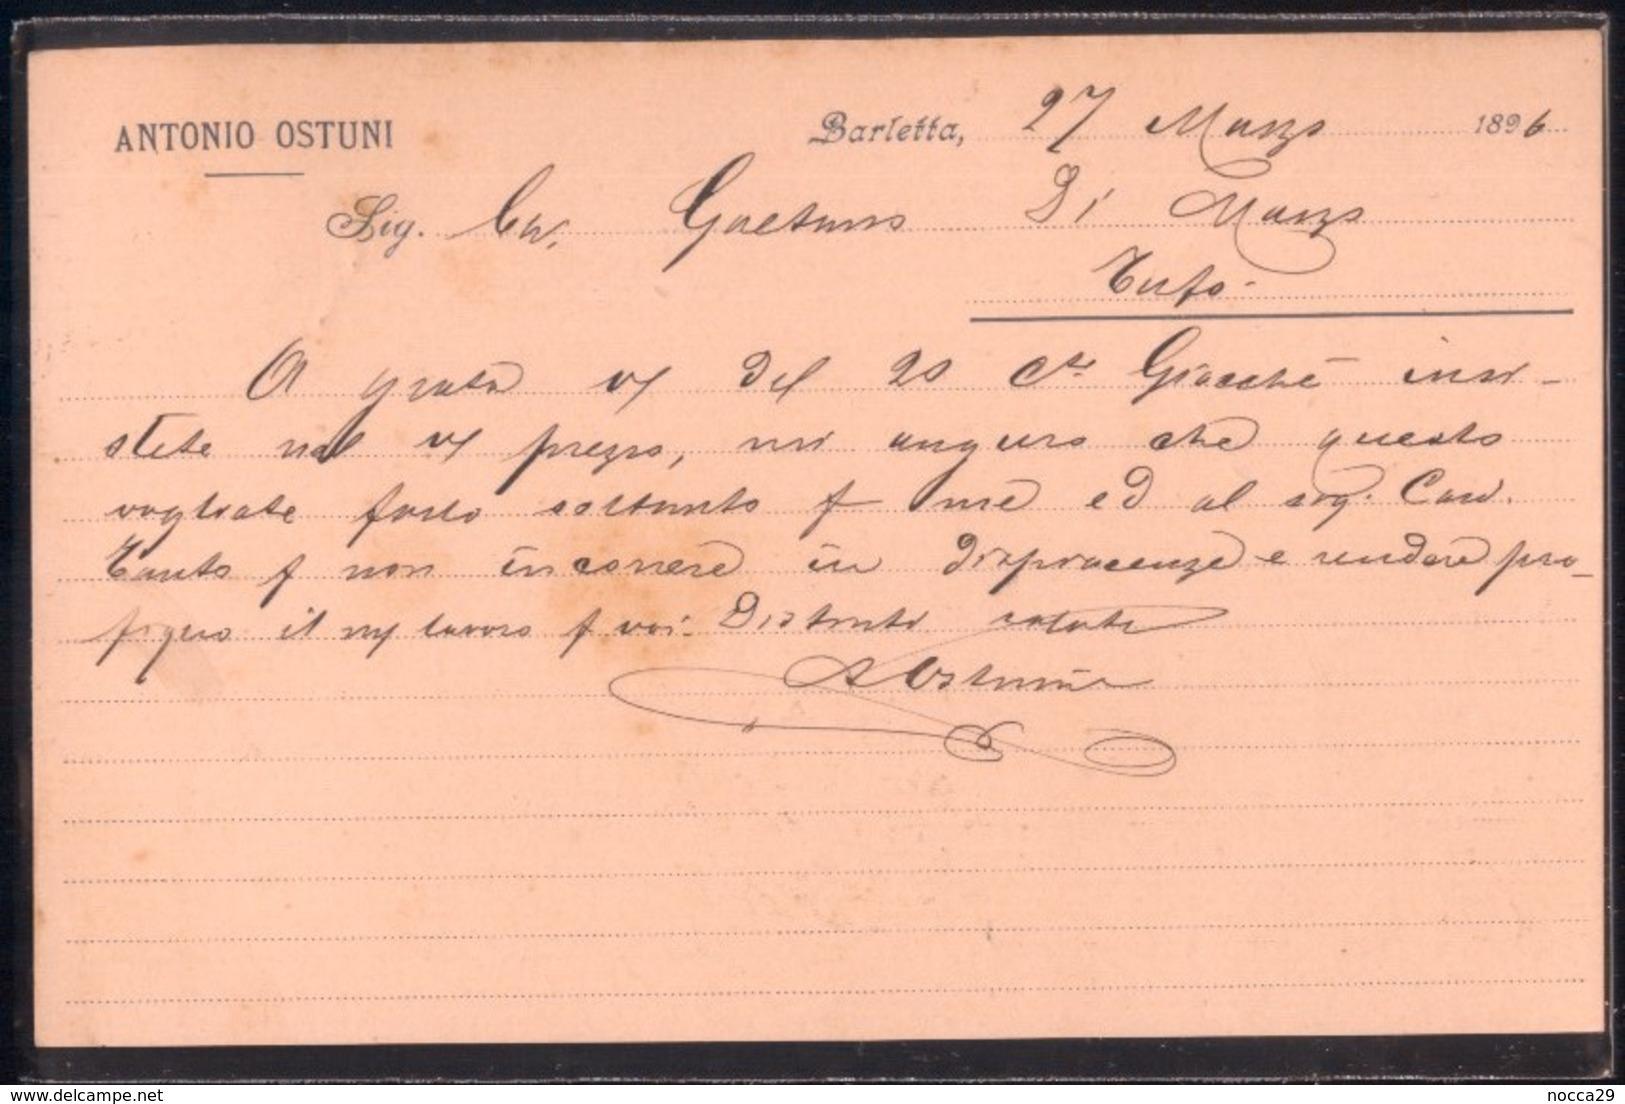 BARLETTA - 1896 - CARTOLINA COMMERCIALE - ANTONIO OSTUNI - Negozi